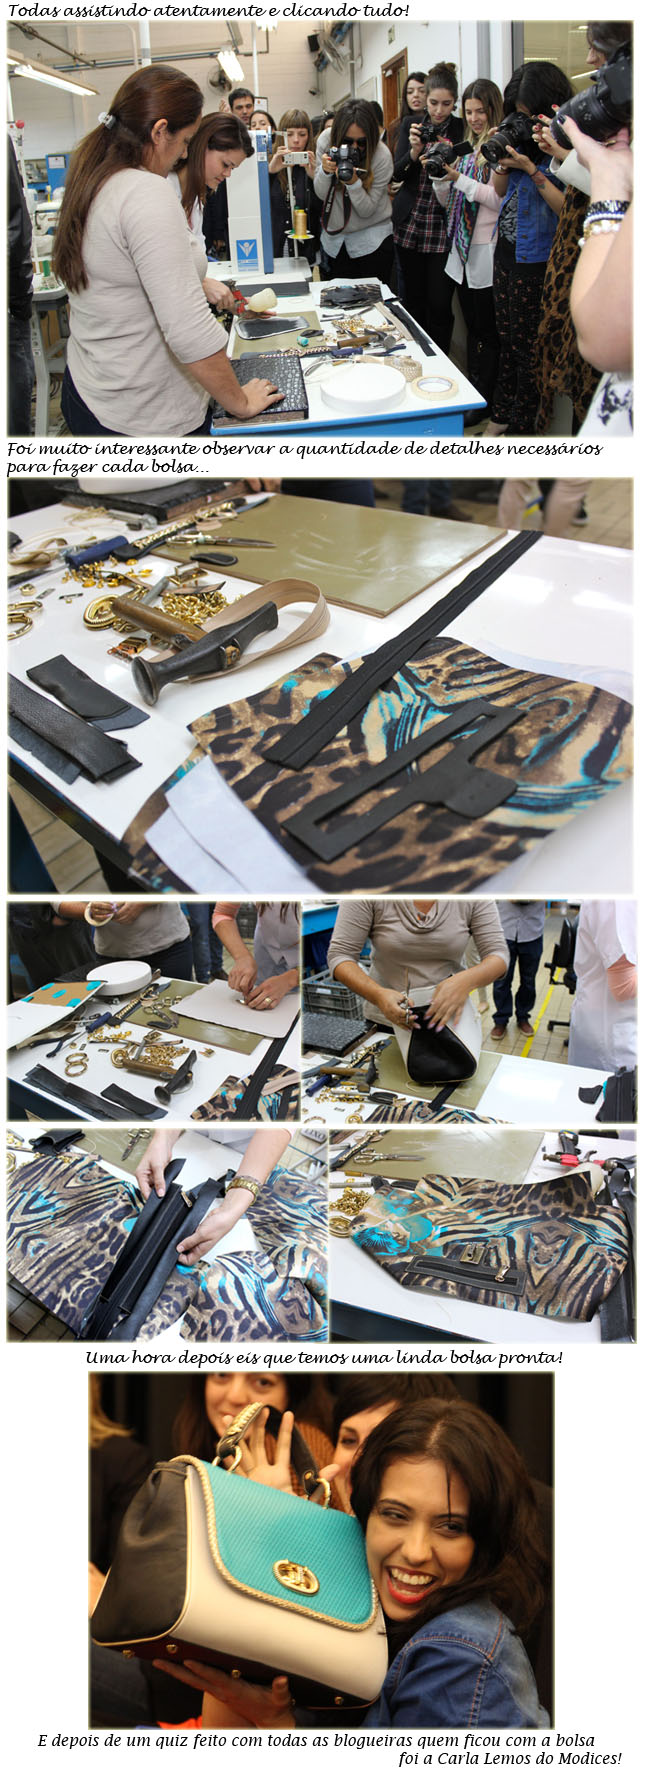 Carmen Steffens, fabrica carmen steffens, sapatos, sandálias, zapatos carmen steffens, couro, bolsas em couro